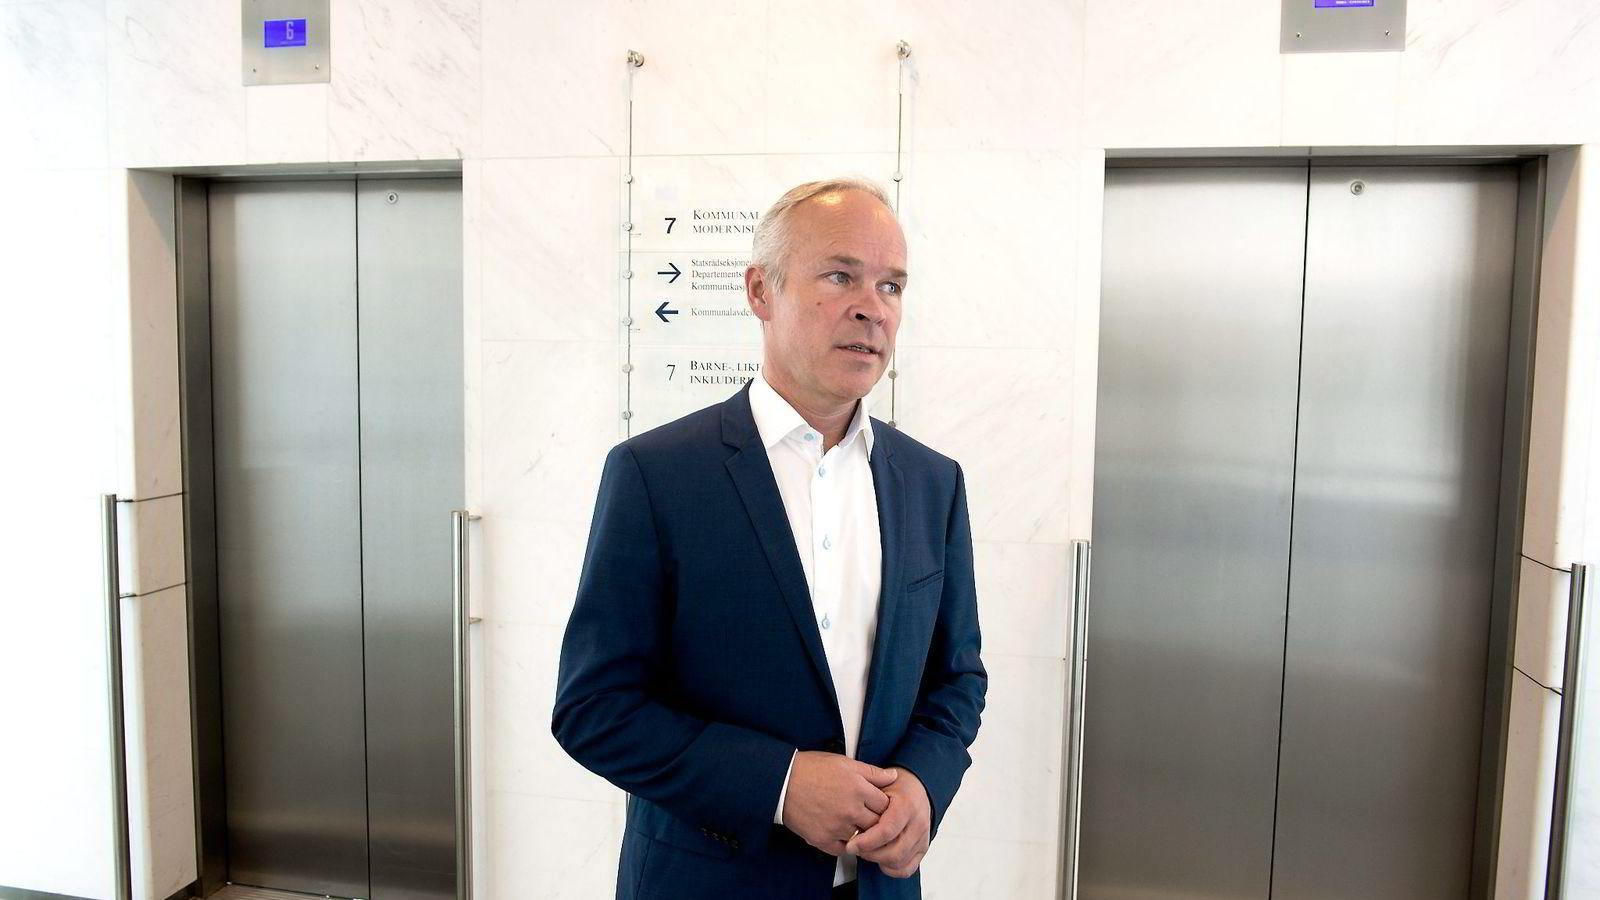 Artikkelforfatteren mener digitaliseringen av offentlig sektor går med museskritt, etter at statsminister Erna Solberg og kommunal- og moderniseringsminister Jan Tore Sanner i valgkampen 2013 lovet å tilføre handlekraft og gjennomføringsevne til forvaltningen.